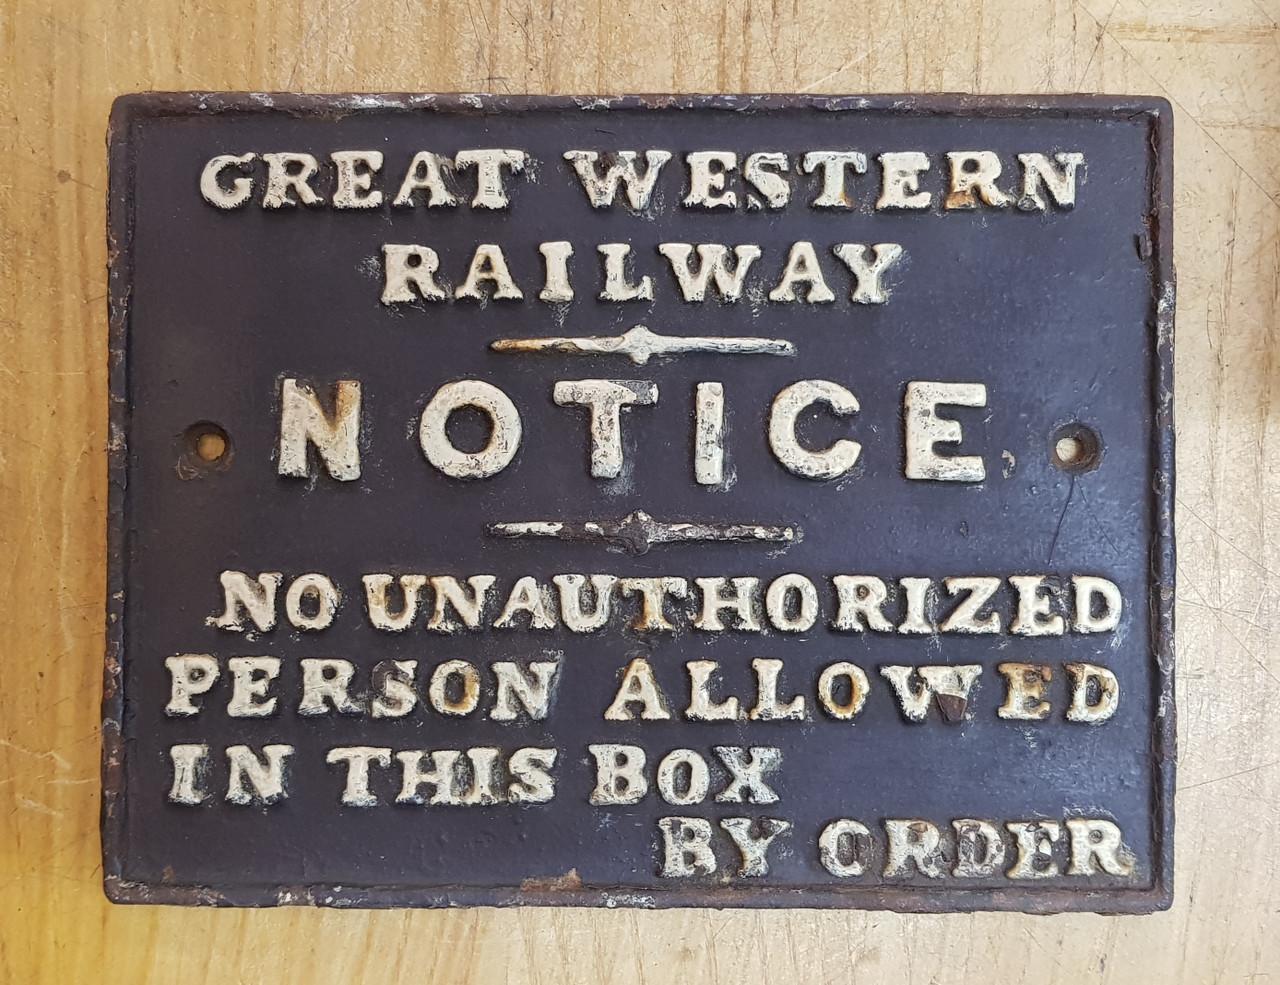 VT 3329. GREAT WESTERN RAILWAY CAST IRON SIGNAL BOX DOOR NOTICE.